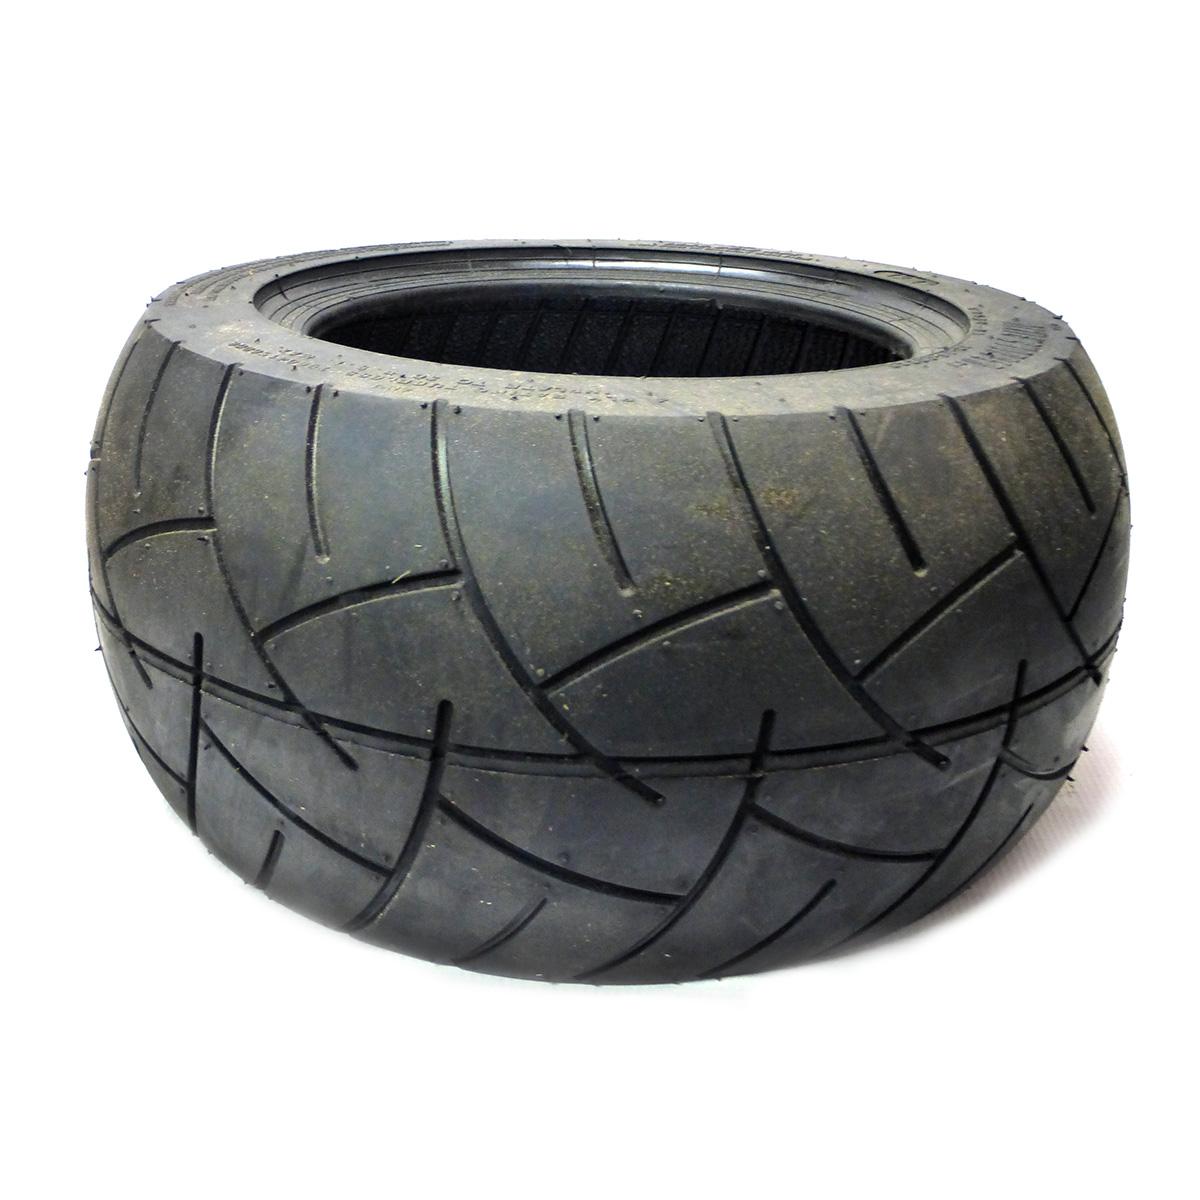 400234 Dixie Chopper Mc Tread Tire 15x6x8 Wiring Harness Home Tires Rims